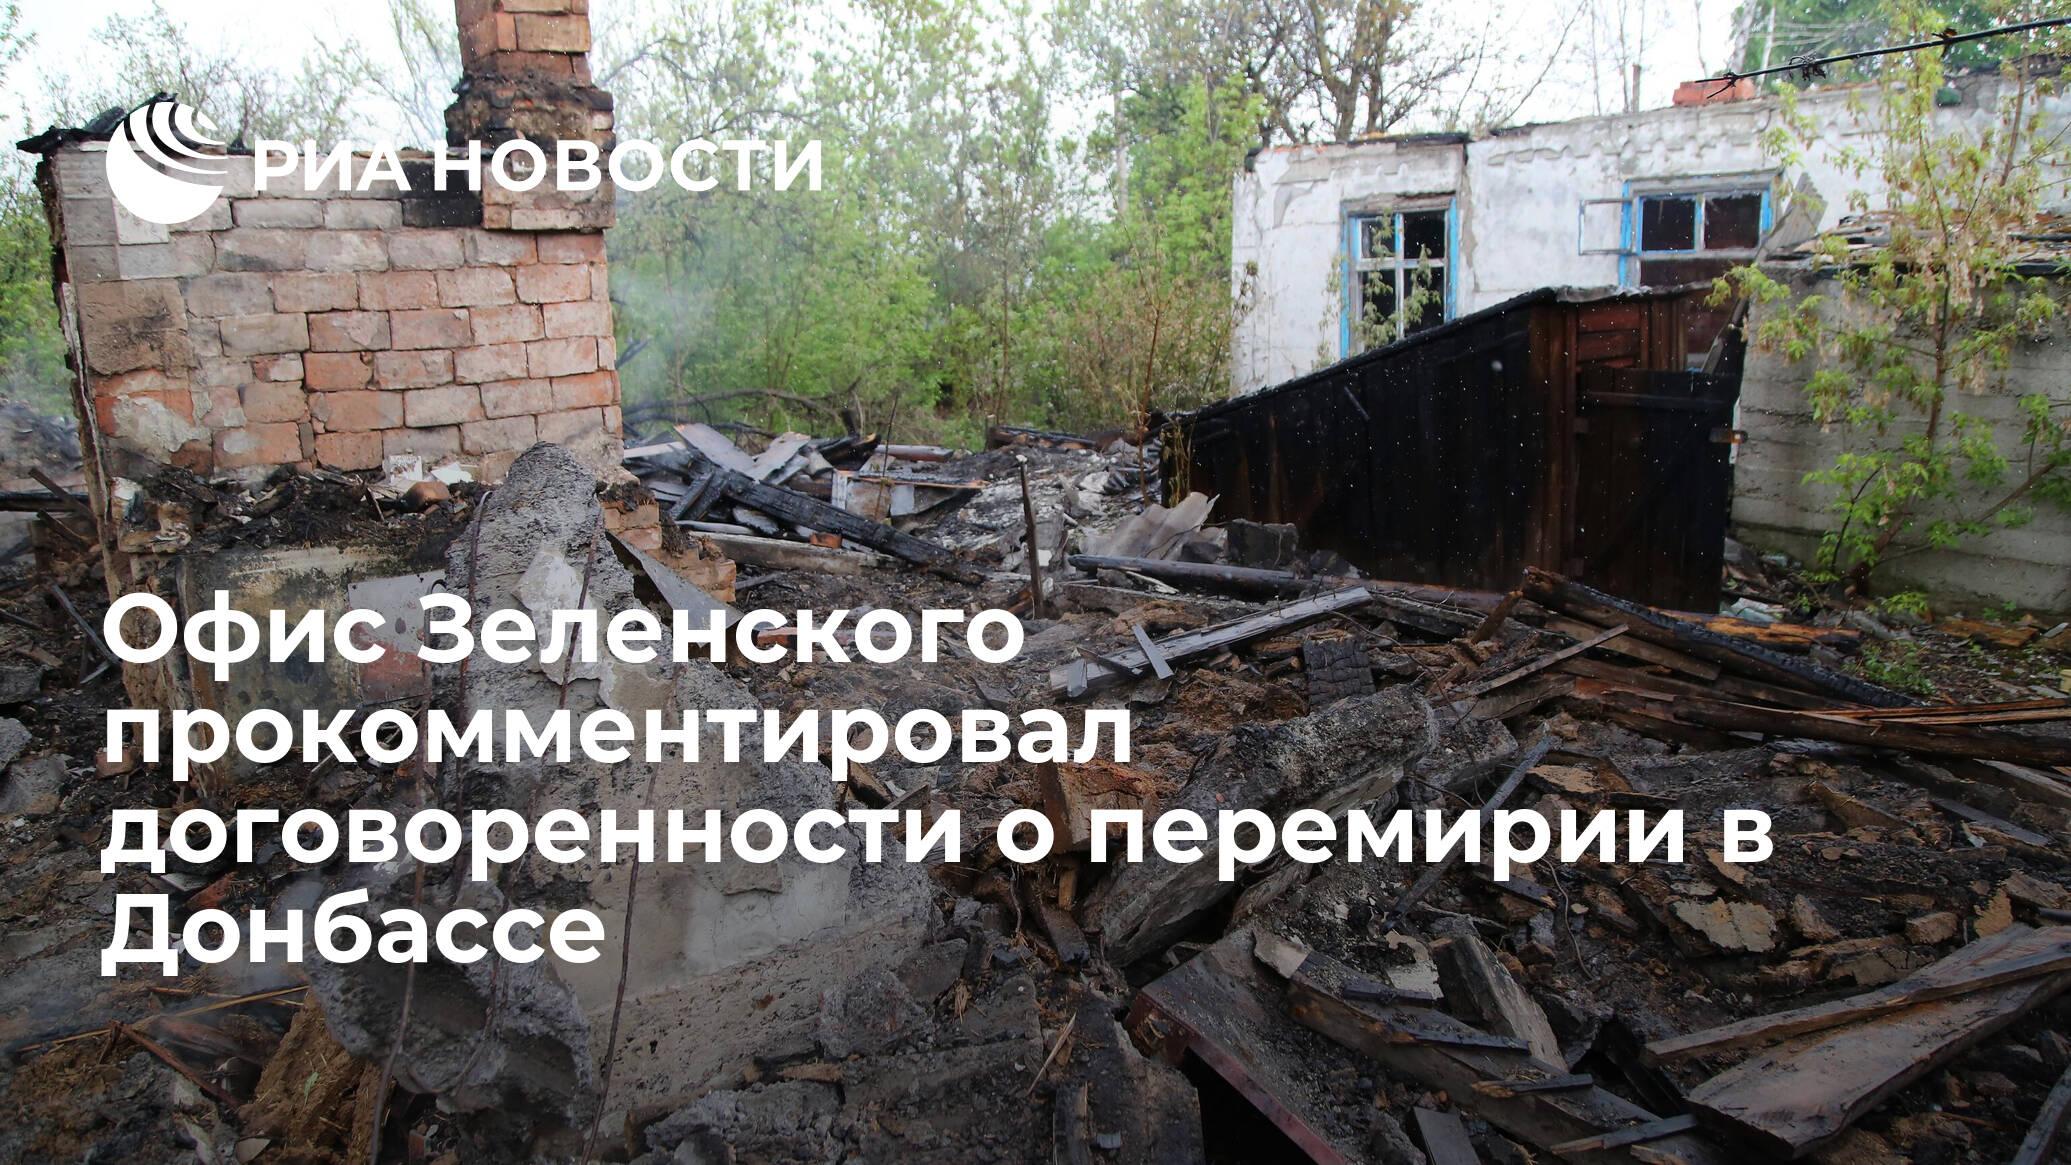 Офис Зеленского прокомментировал договоренности о перемирии в Донбассе